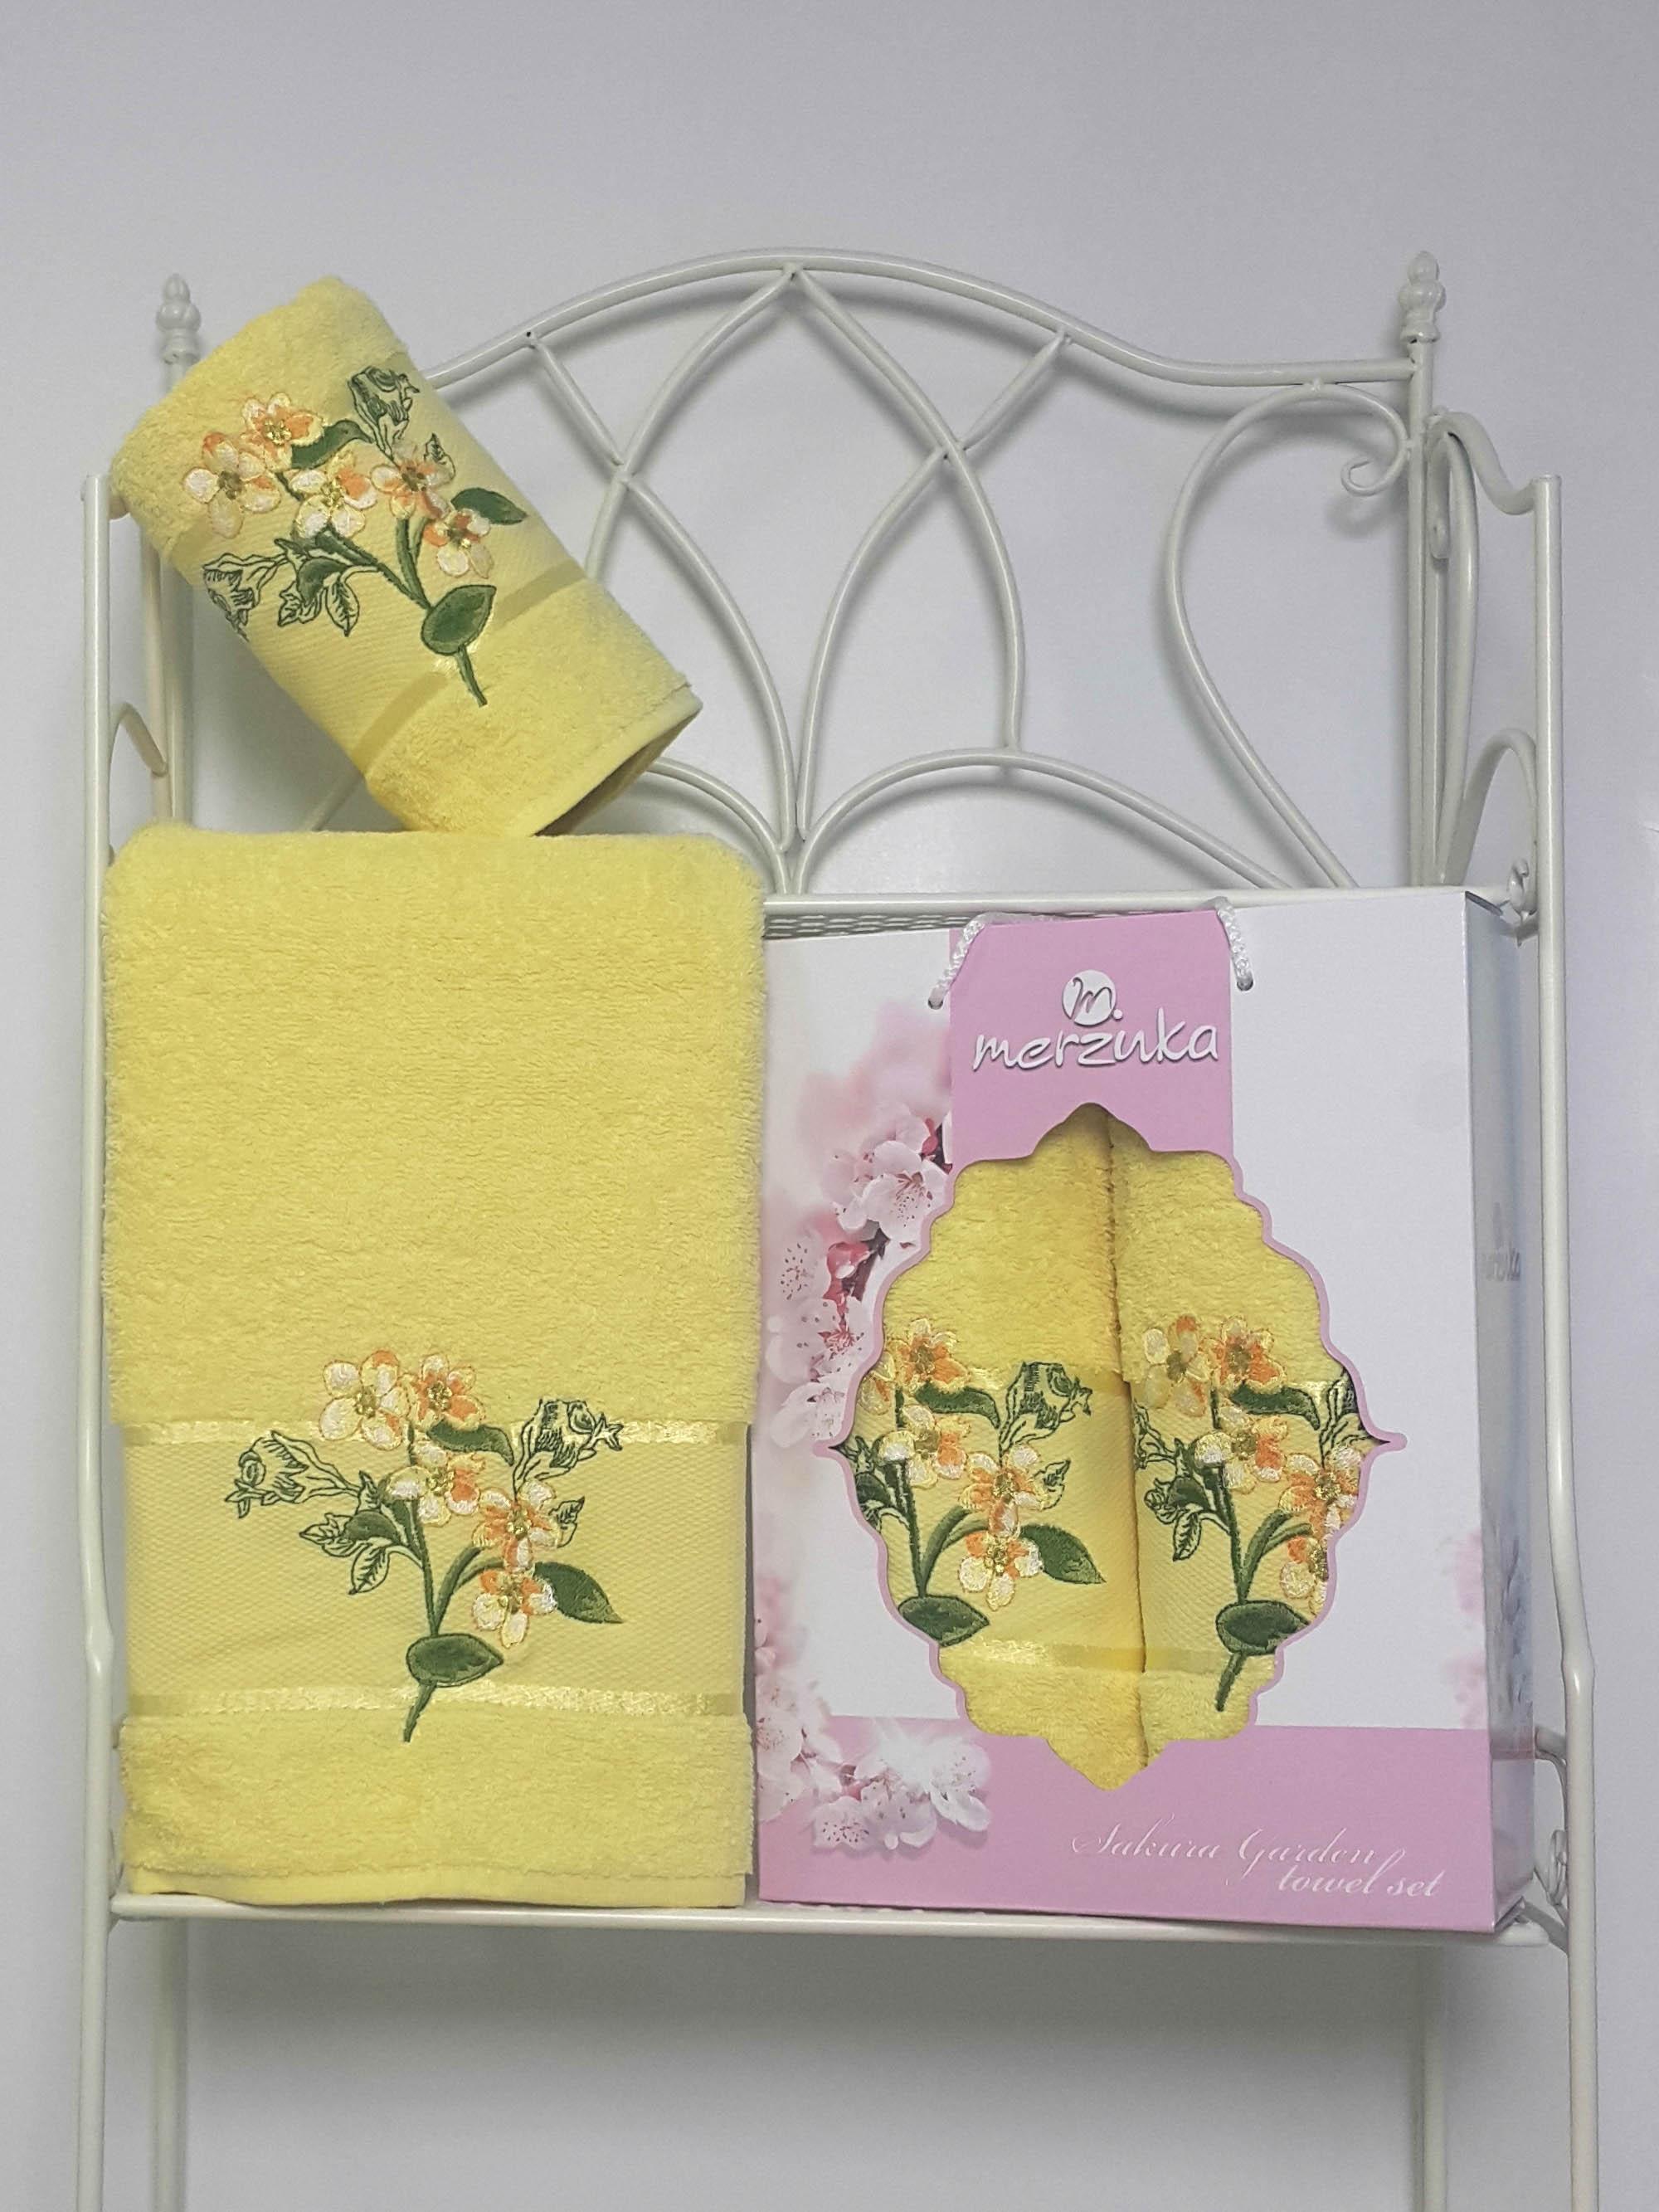 Полотенца Oran Merzuka Набор из 2 полотенец Sakura Garden Цвет: Светло-Жёлтый набор из 3 полотенец merzuka sakura 50х90 2 70х140 8432 оранжевый